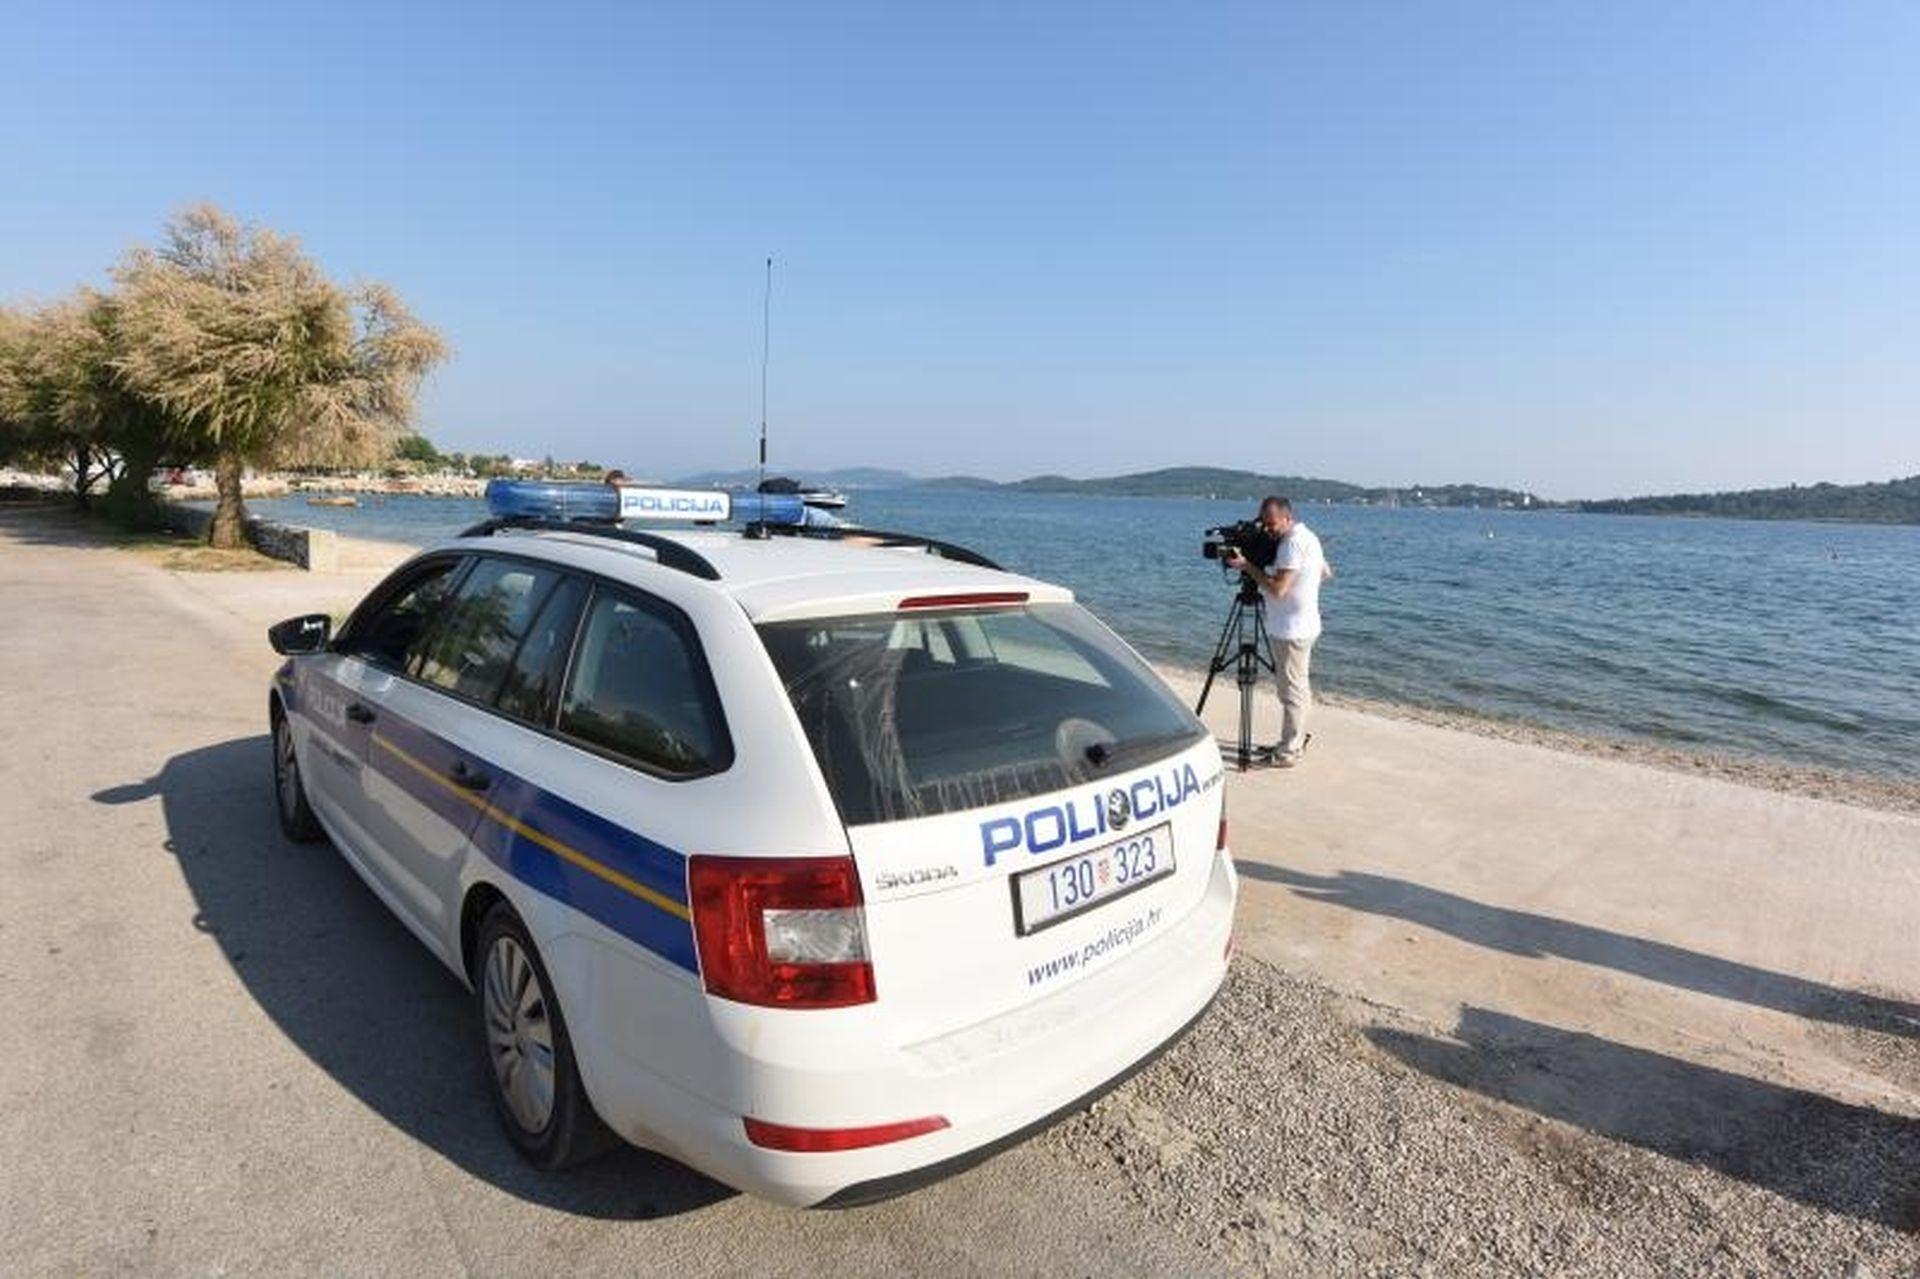 NESREĆA U KAŠTEL ŠTAFILIĆU Avion pao u more, poginuo član posade